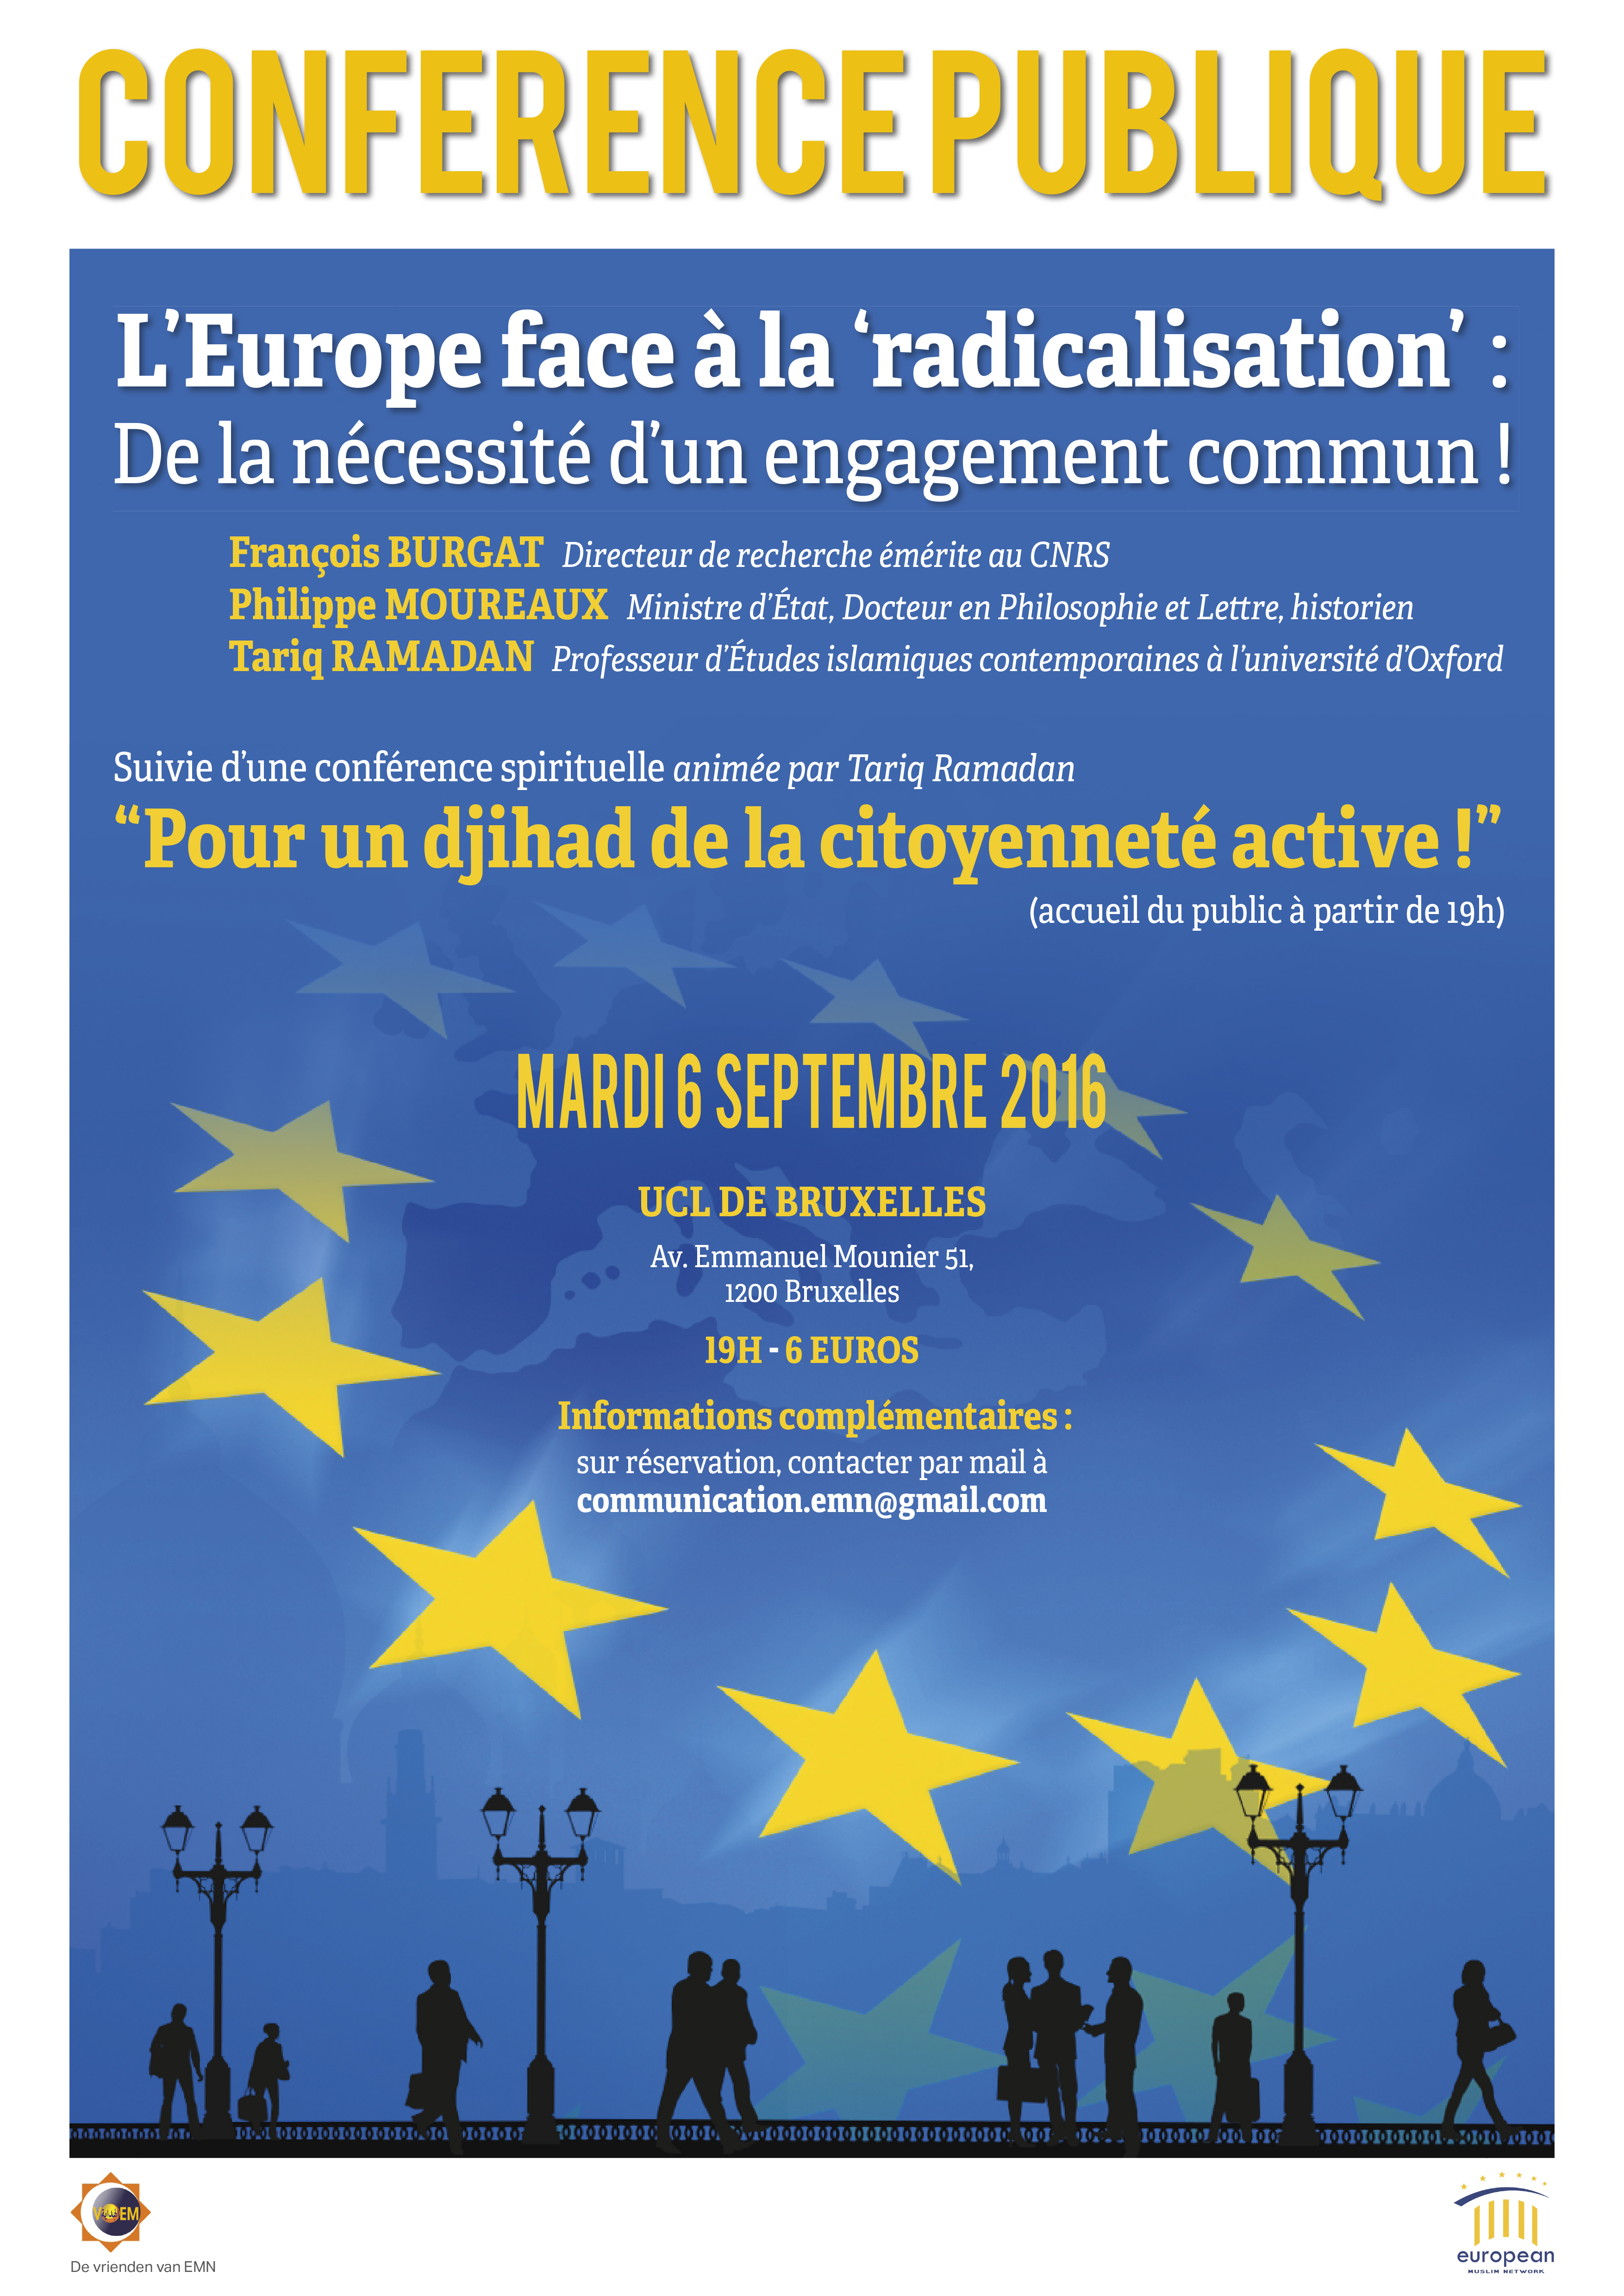 http://www.saphirnews.com/agenda/L-Europe-face-a-la-radicalisation-de-la-necessite-d-un-engagement-commun_ae404549.html